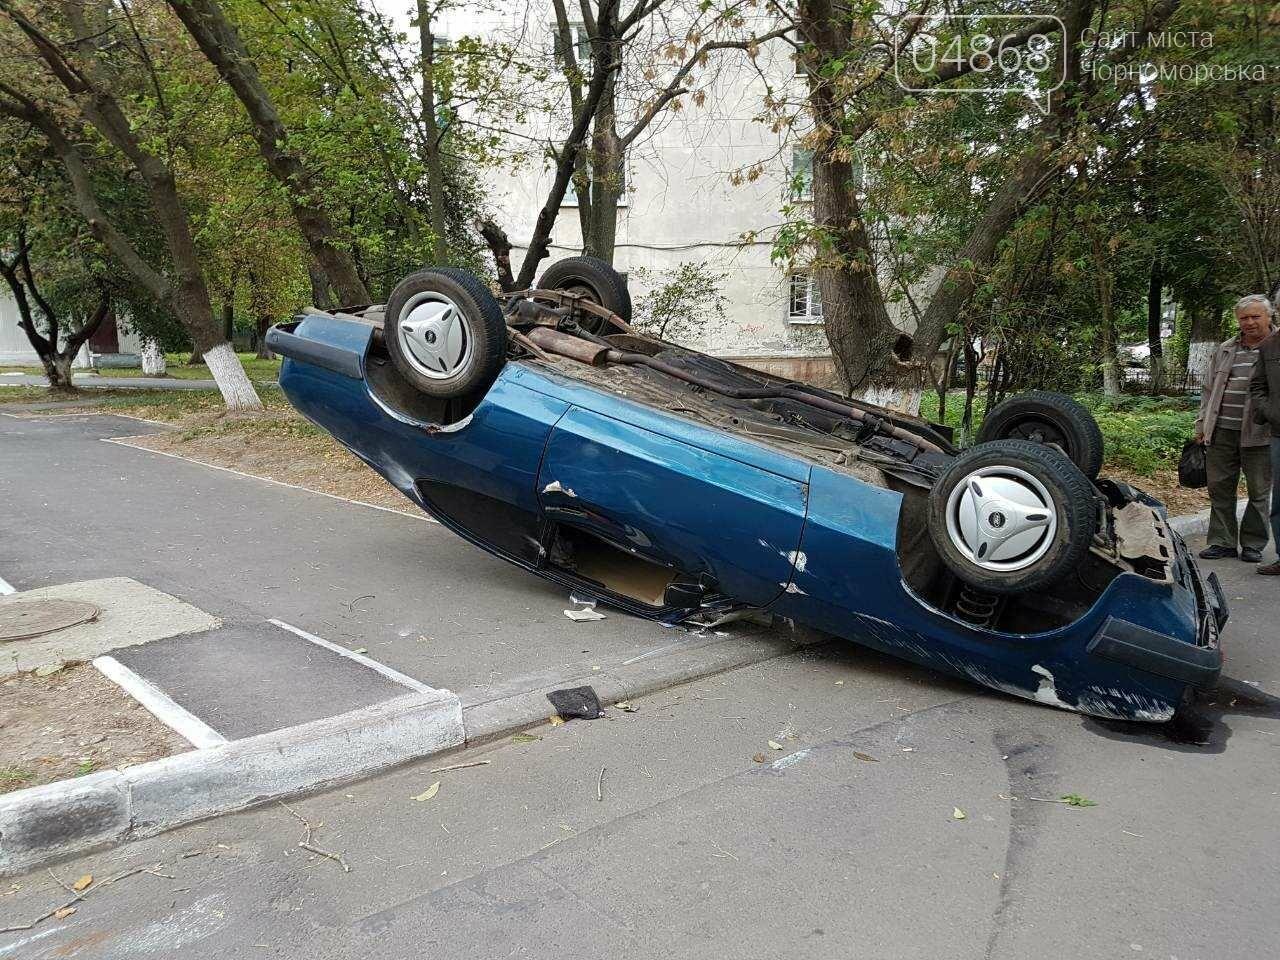 ДТП в Черноморске: водитель сбил пешехода и перевернулся (фото), фото-2